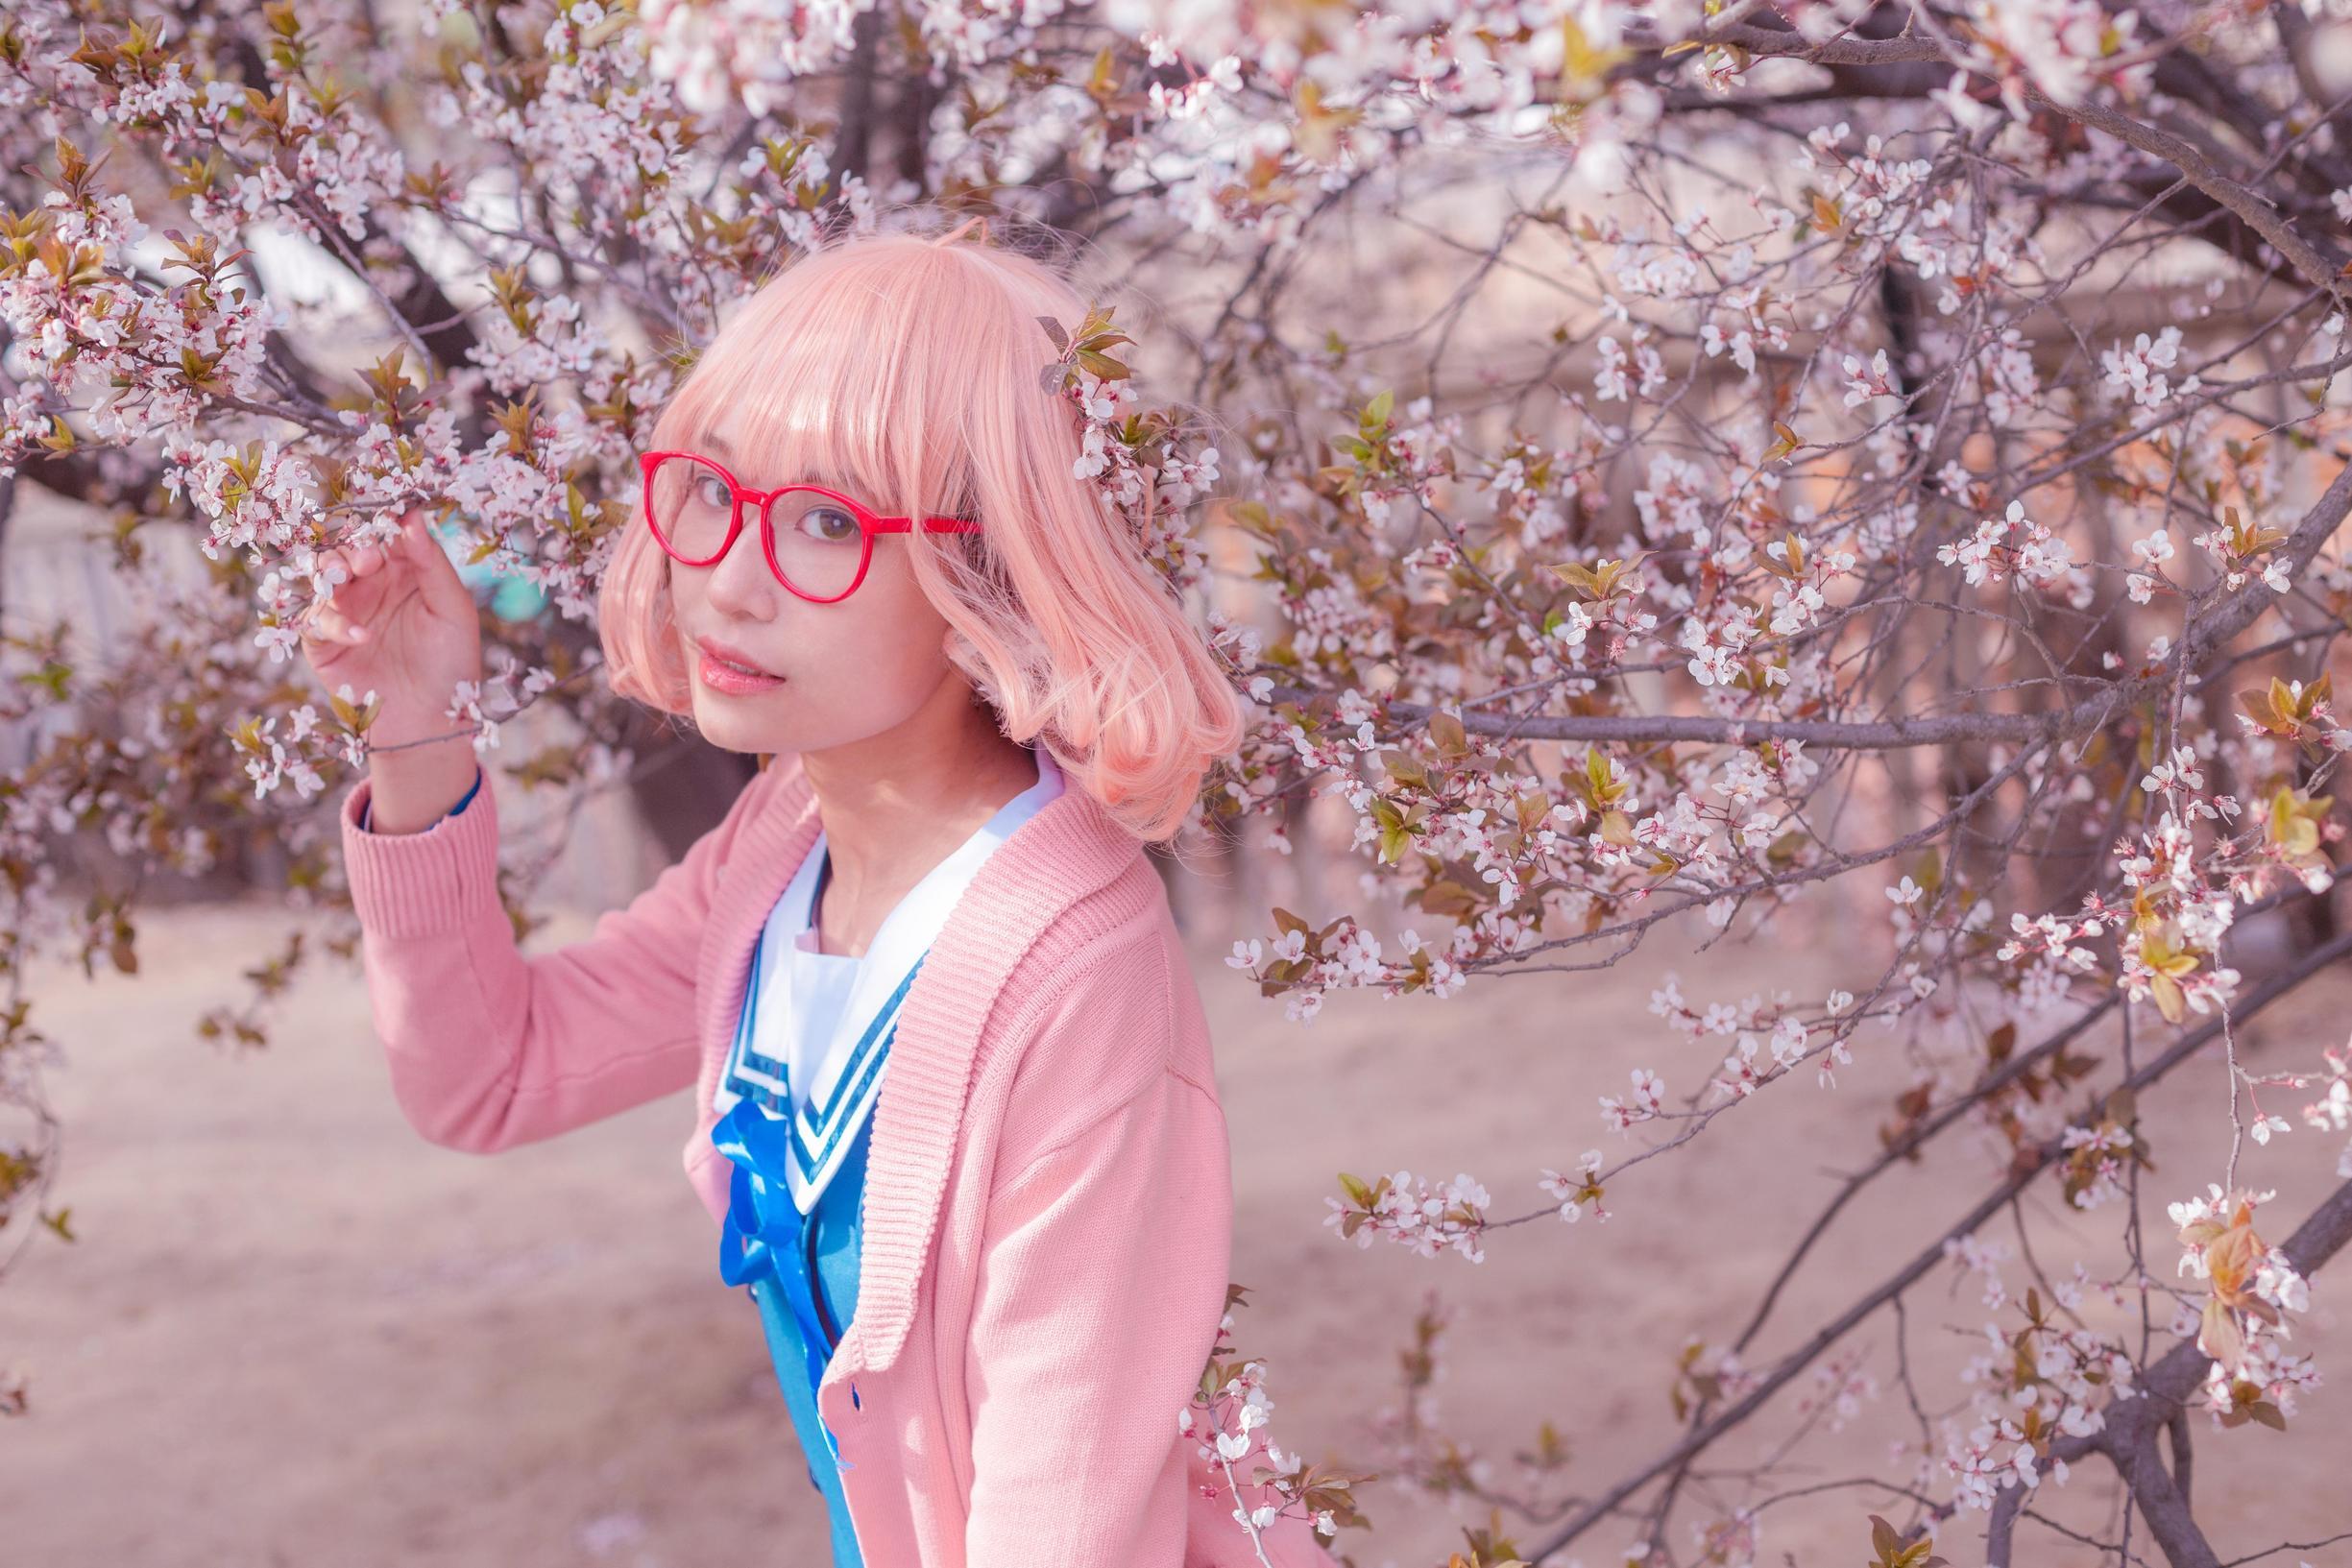 《境界的彼方》正片cosplay【CN:Kanna鹤见】-第9张